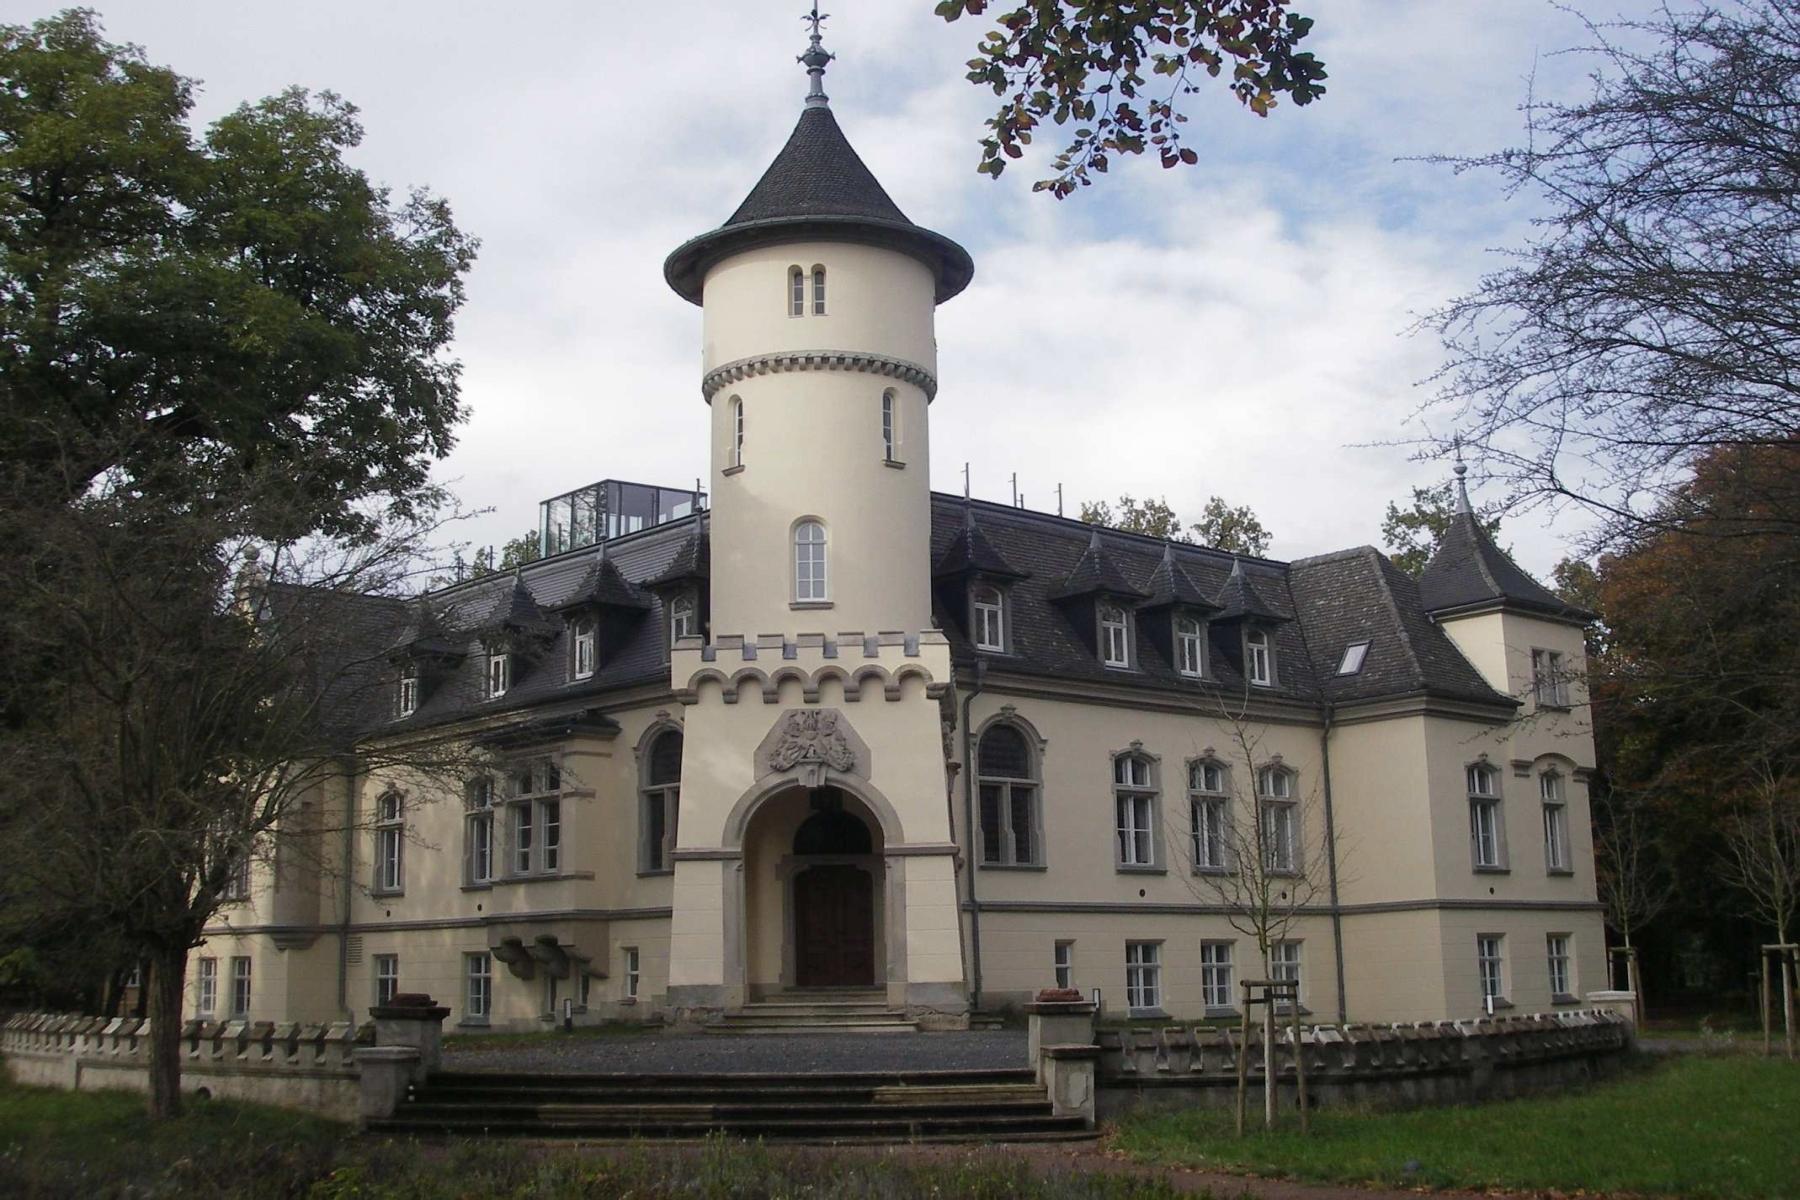 단독 가정 주택 용 매매 에 Let your dreams come true at the Hohenbocka Château ! Hohenbocka, Brandenburg, 01945 독일